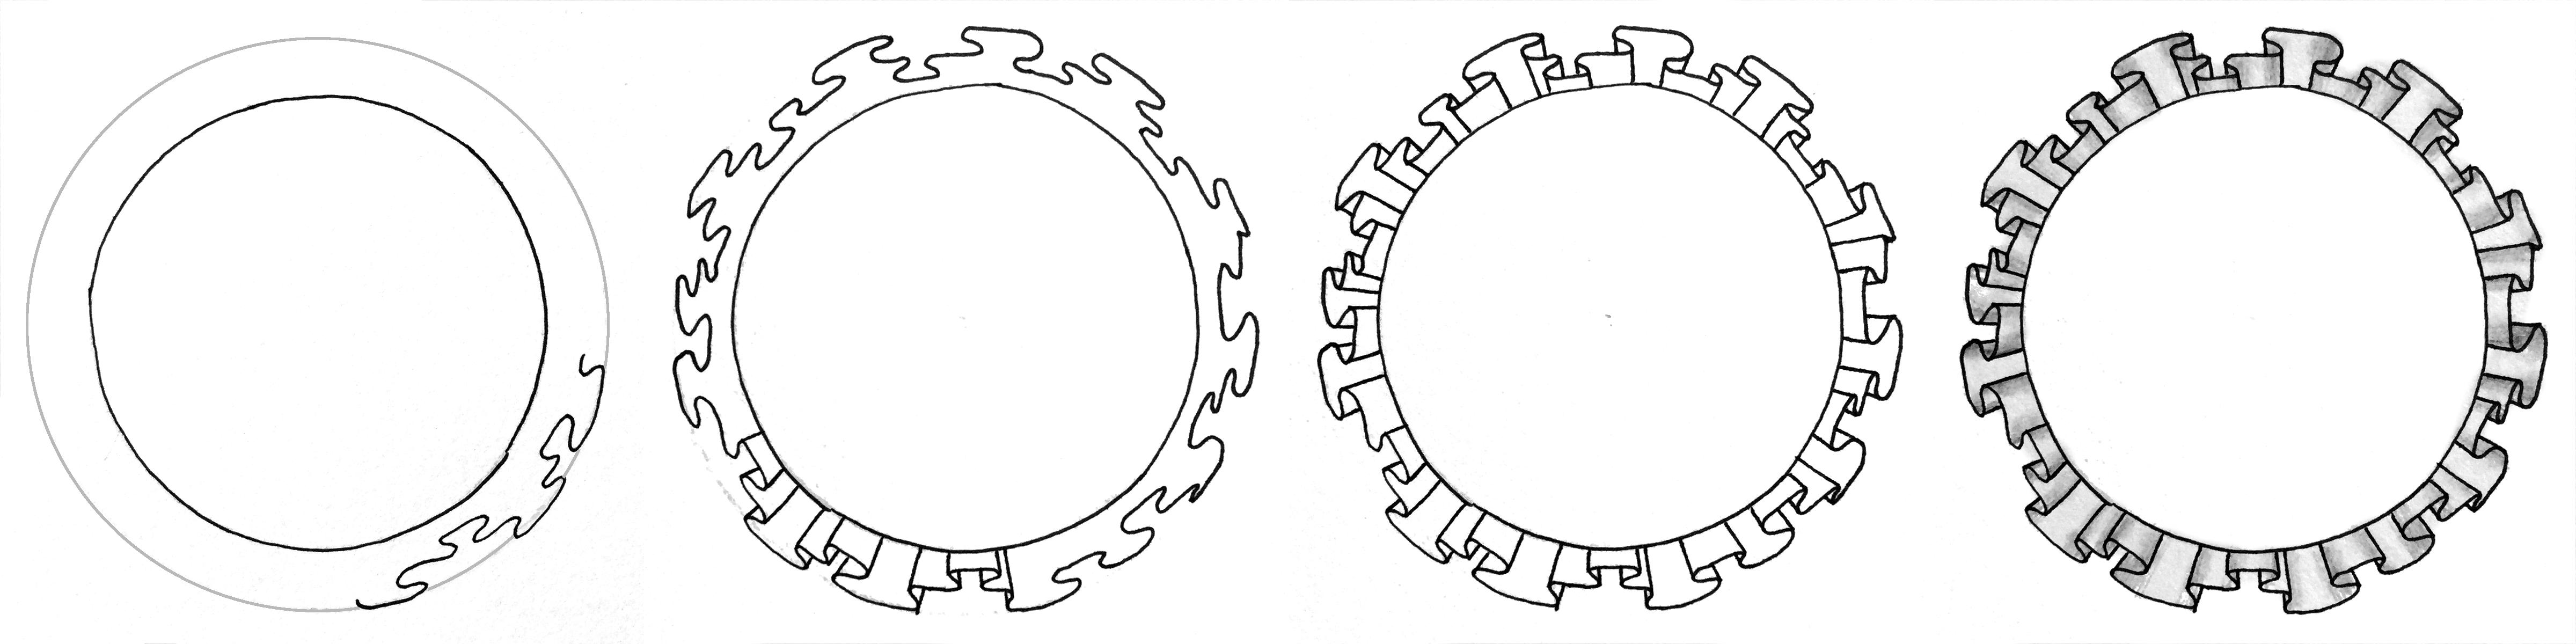 Mit Zentangle Mustern Einen Modernen Kranz Zeichnen Bunte Galerie